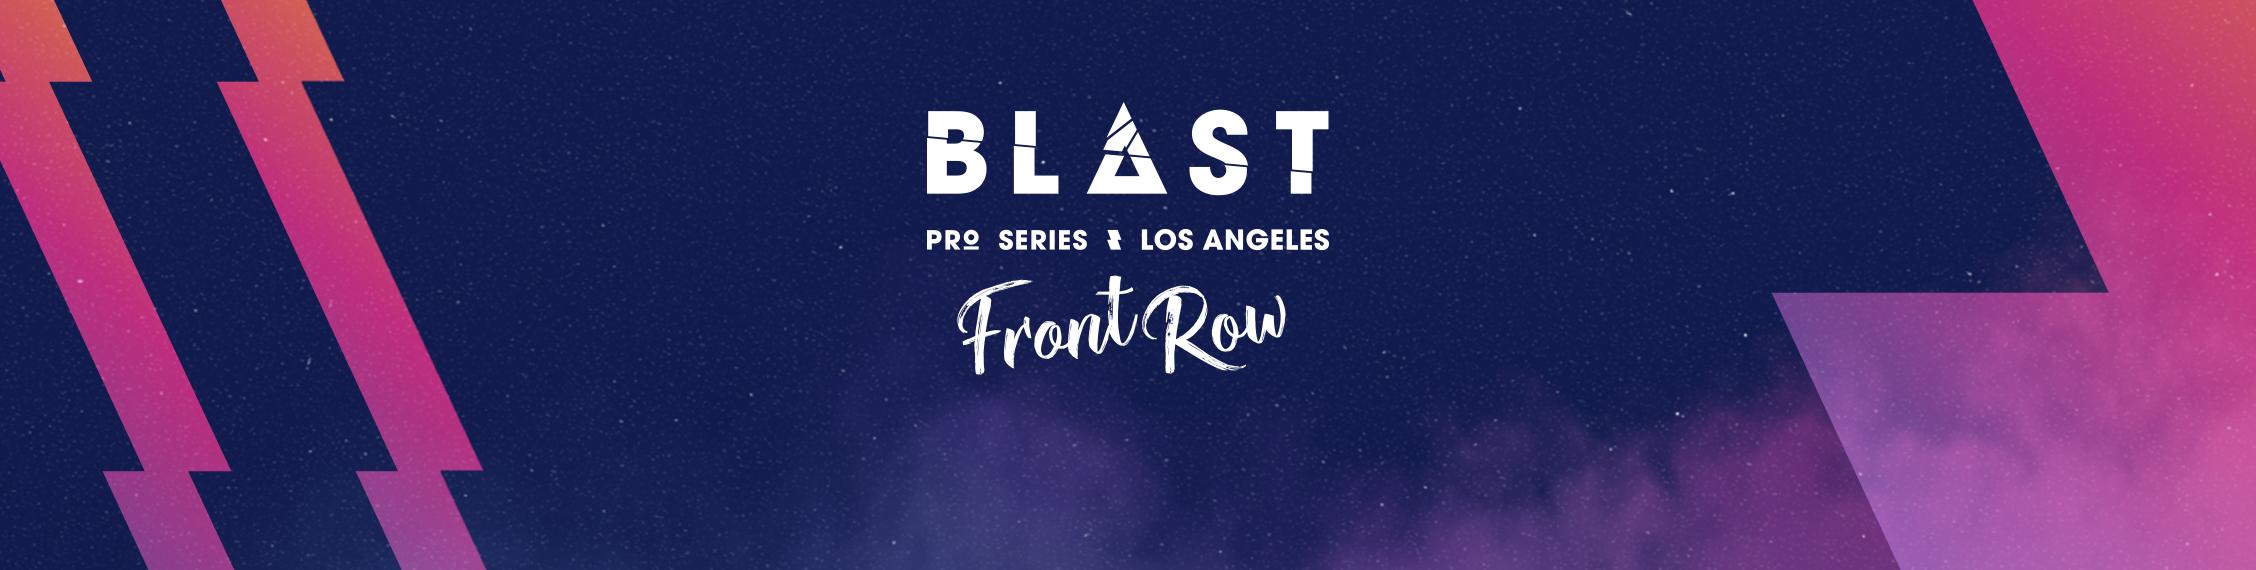 BLAST Pro Series: Los Angeles 2019